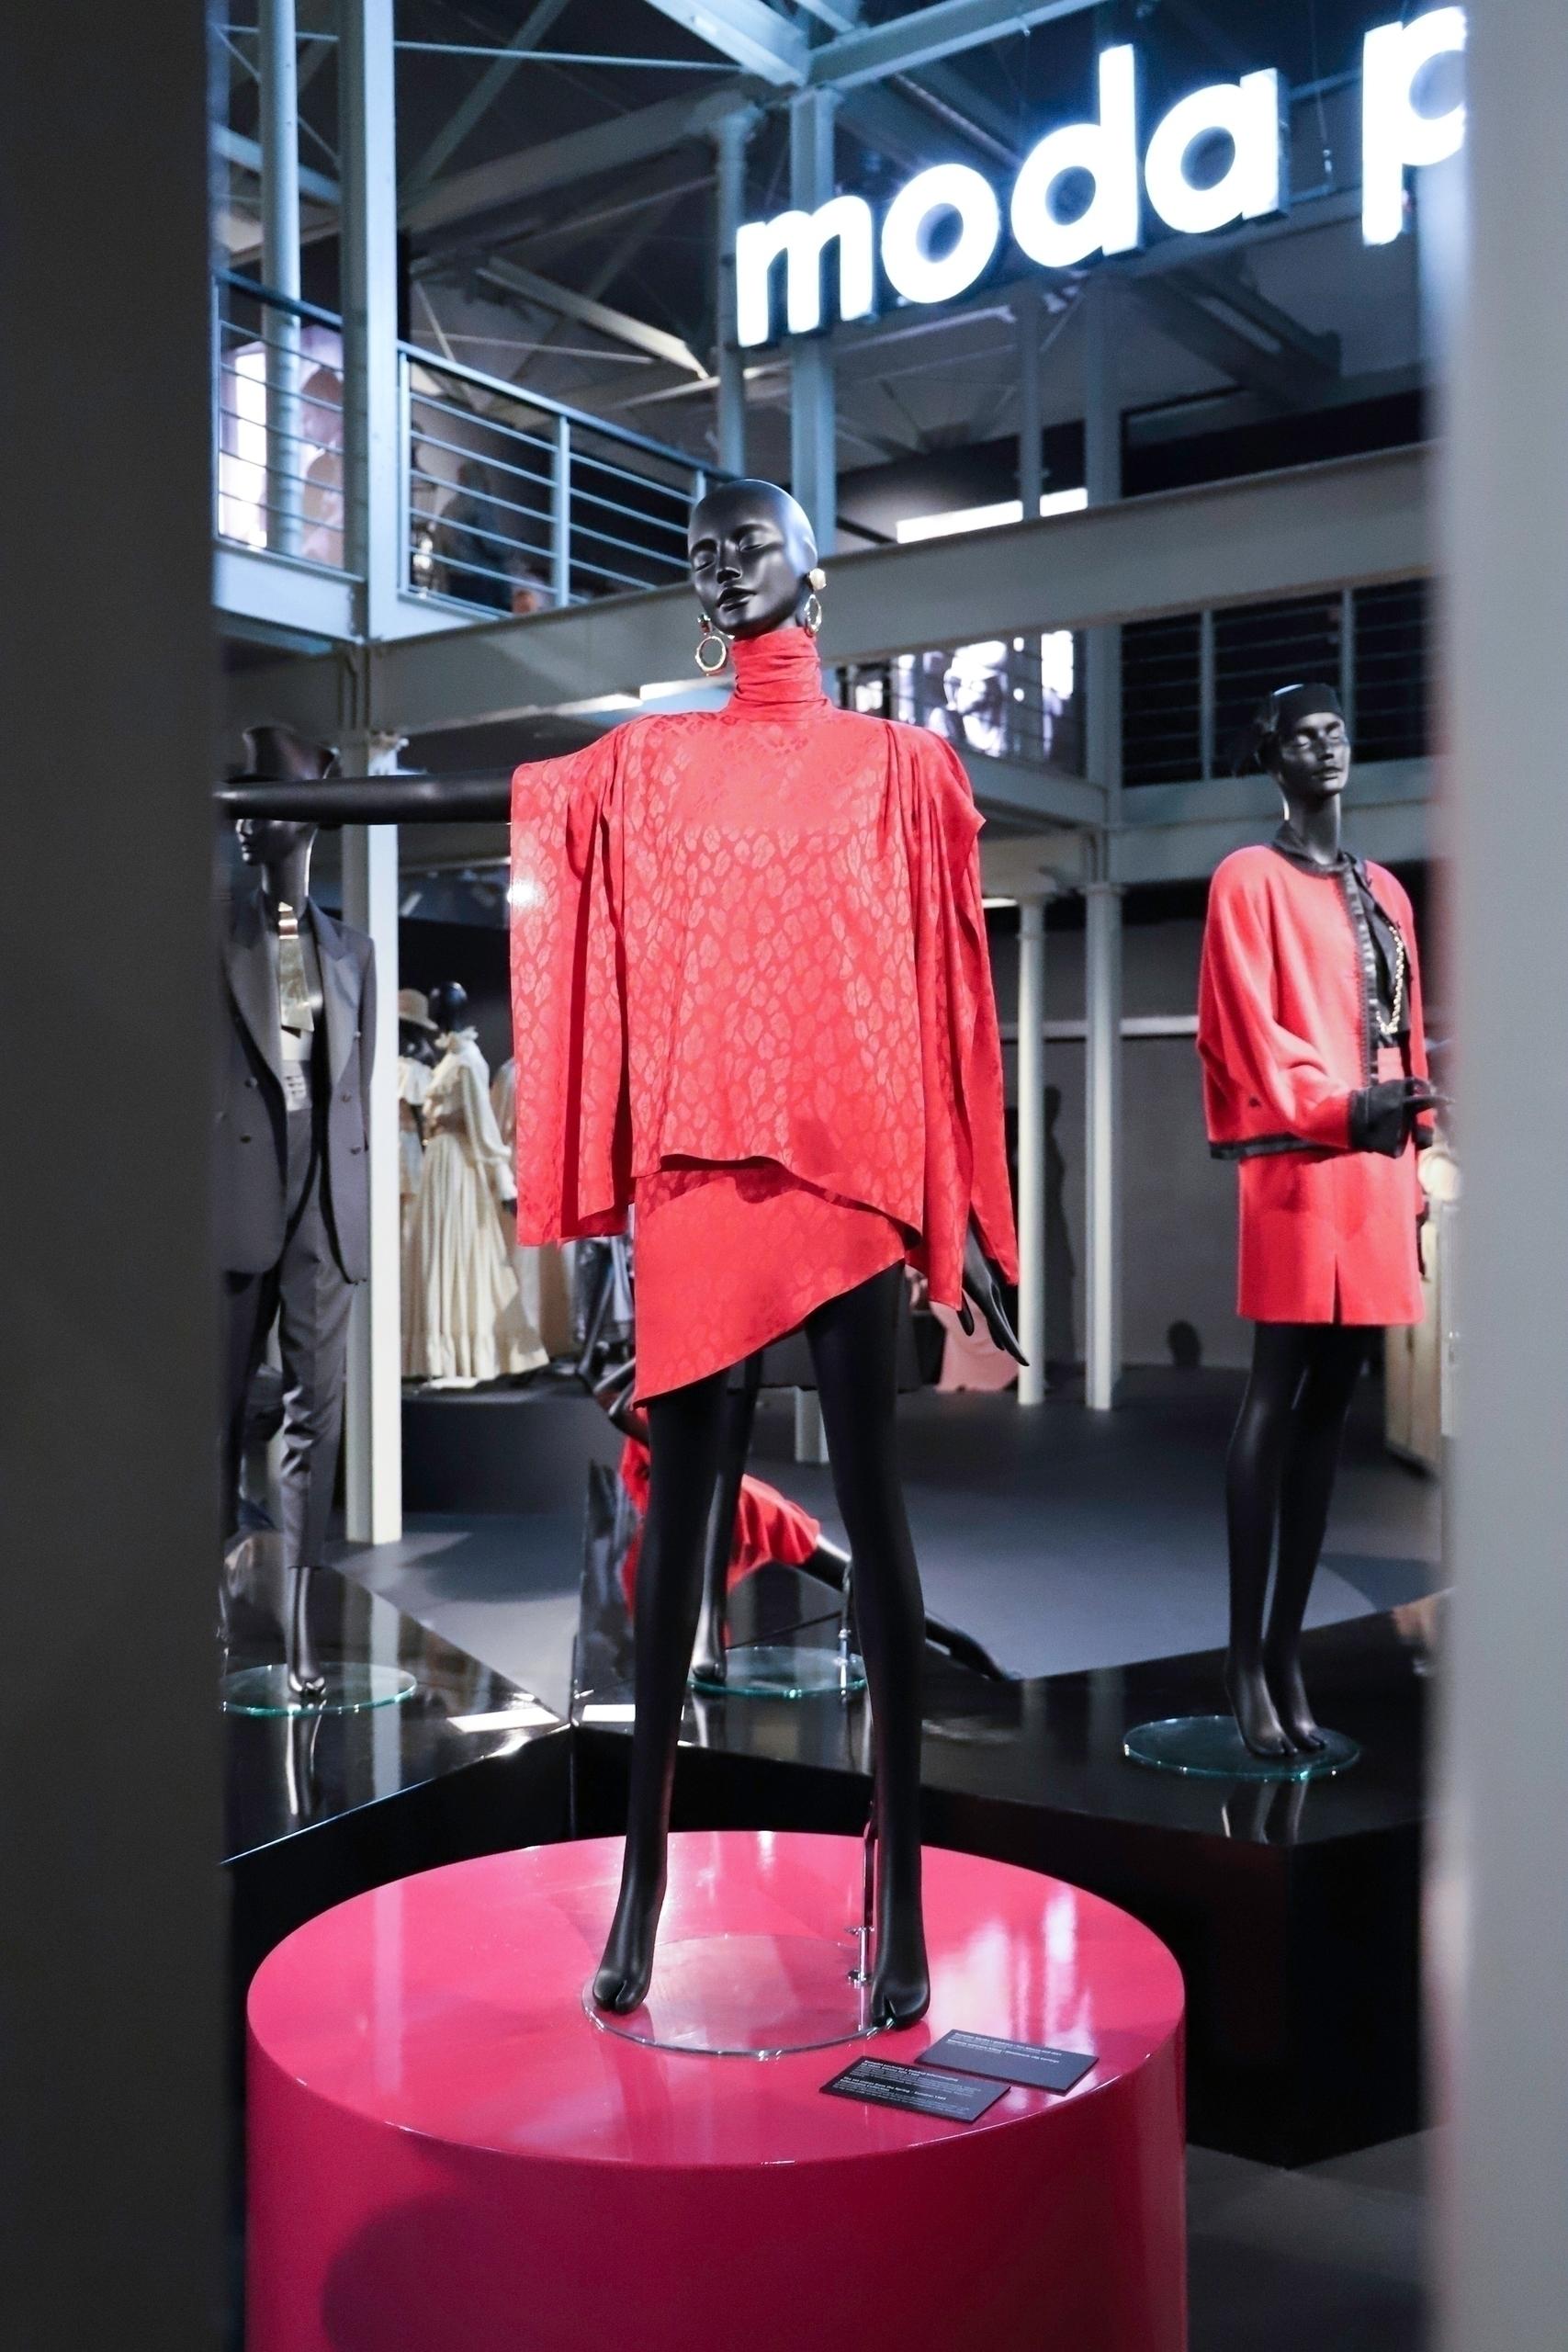 Zdjęcie przedstawia czarnego manekina ubranego w czerwoną sukienkę stojącego na podeście.